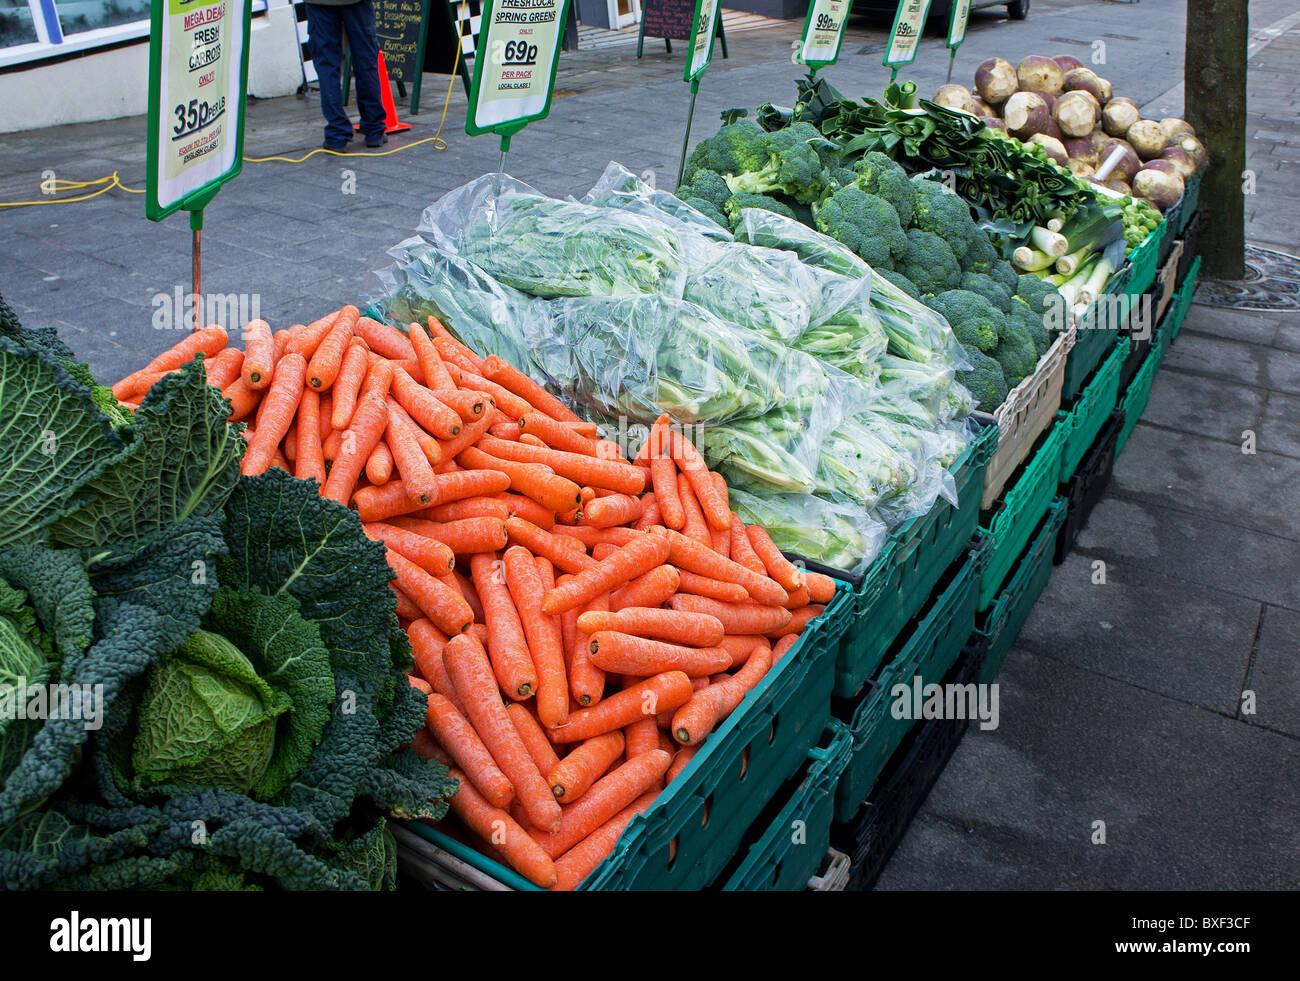 Verdure di stagione per la vendita su un mercato di villaggio in stallo in cornwall, Regno Unito Immagini Stock